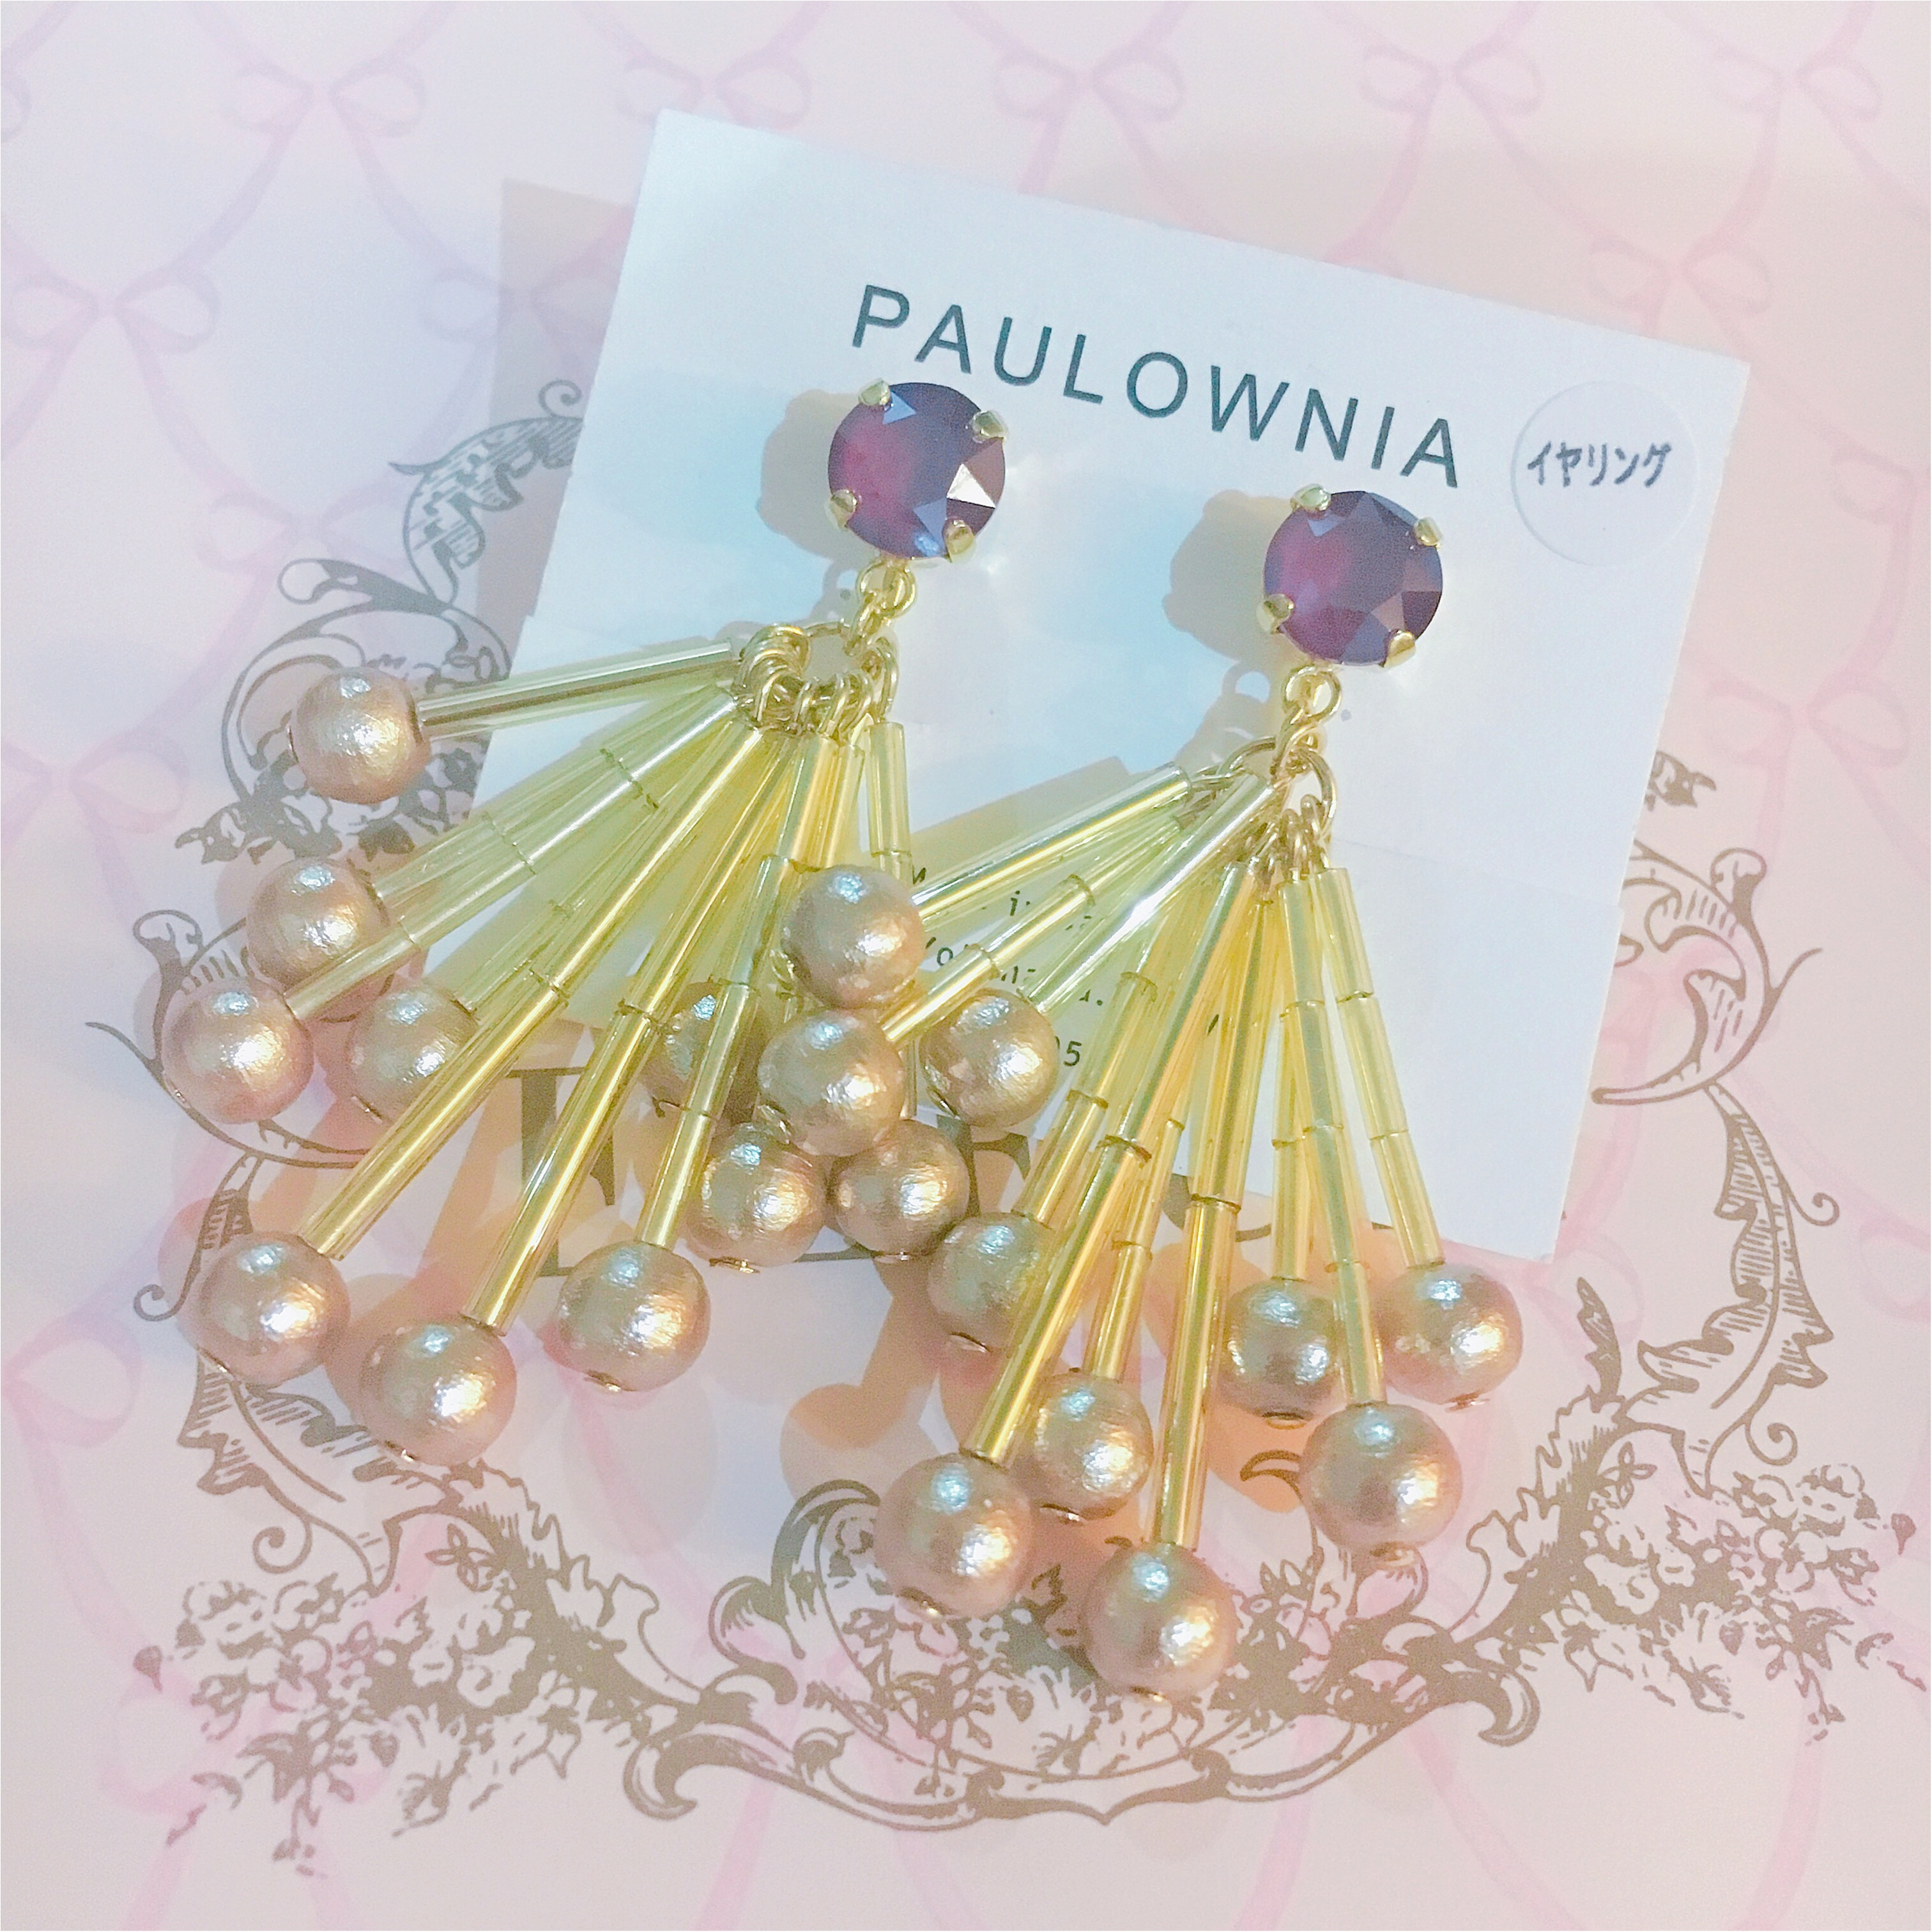 【大ぶりイヤリング】年末年始のイベントにもぴったり!paulowniaさんのイヤリング『スワロフリンジ』がかわいい♡♡_1